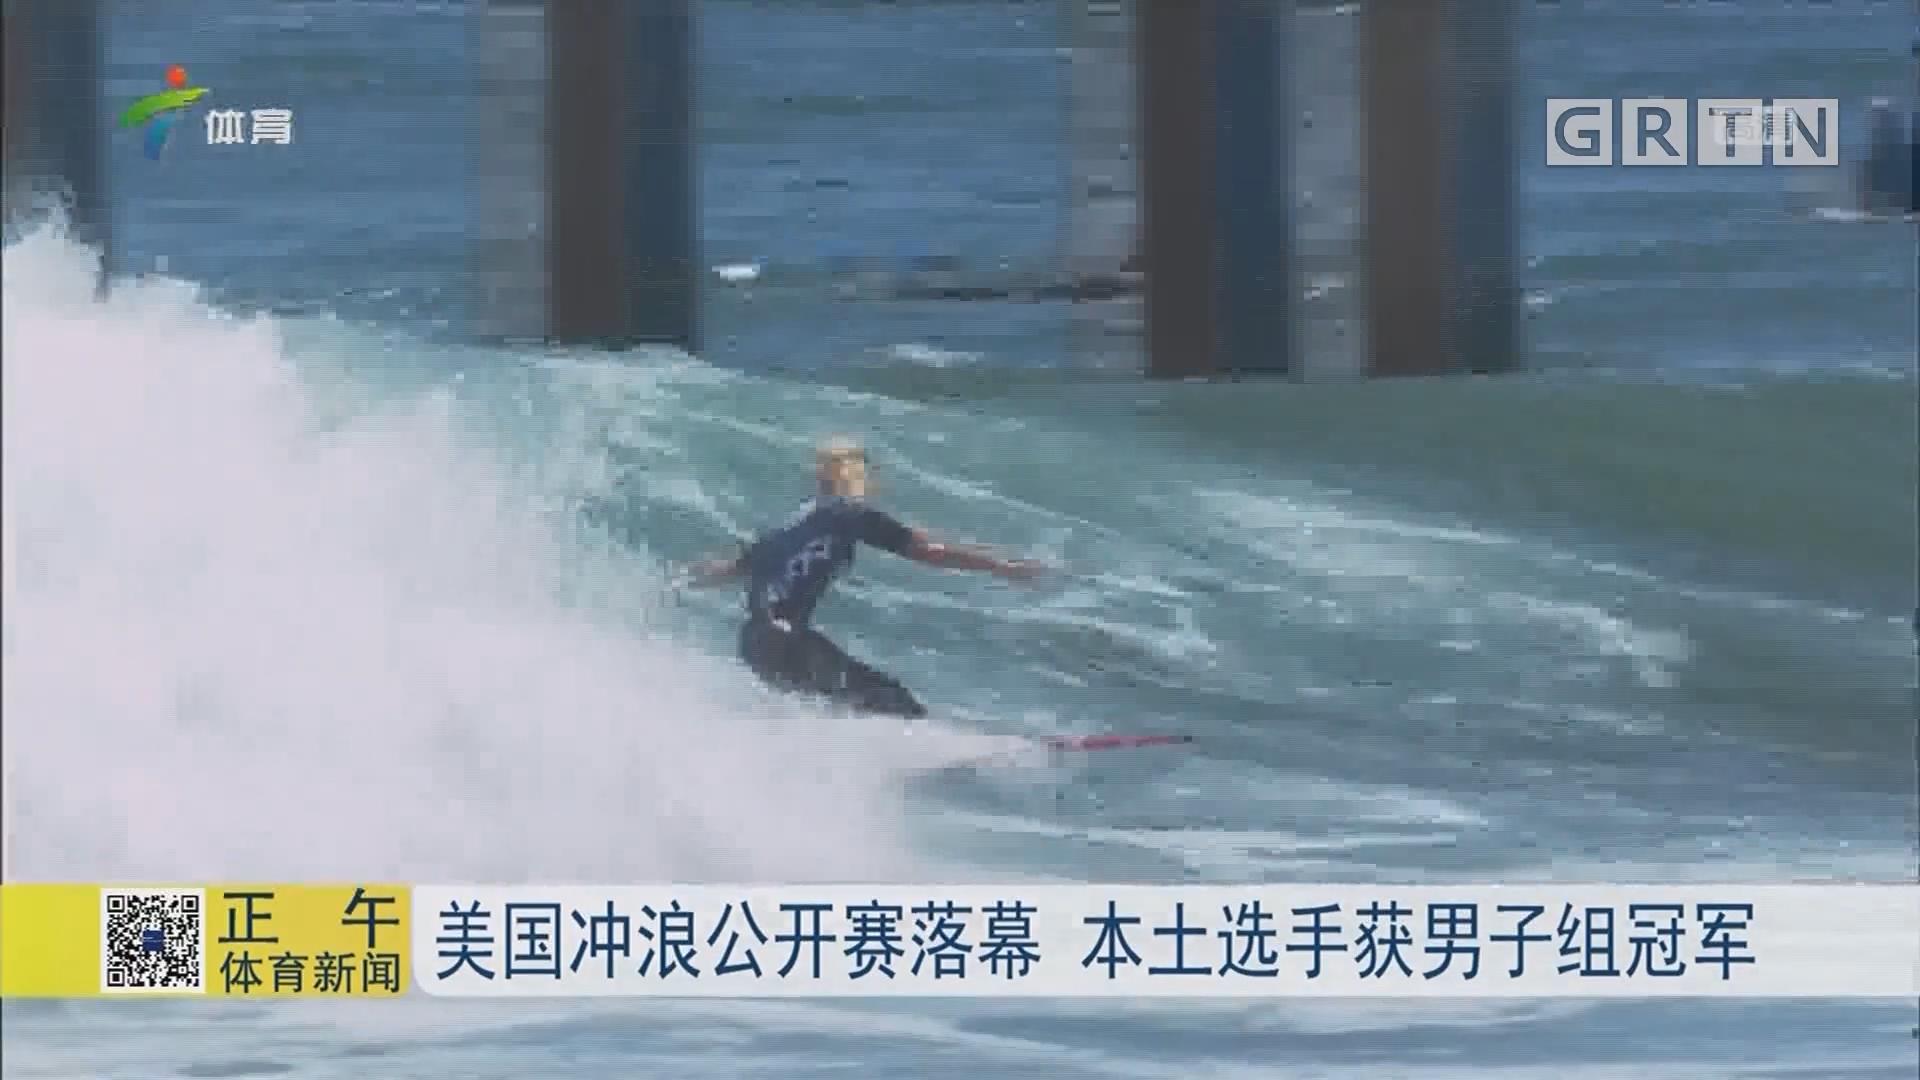 美国冲浪公开赛落幕 本土选手获男子组冠军